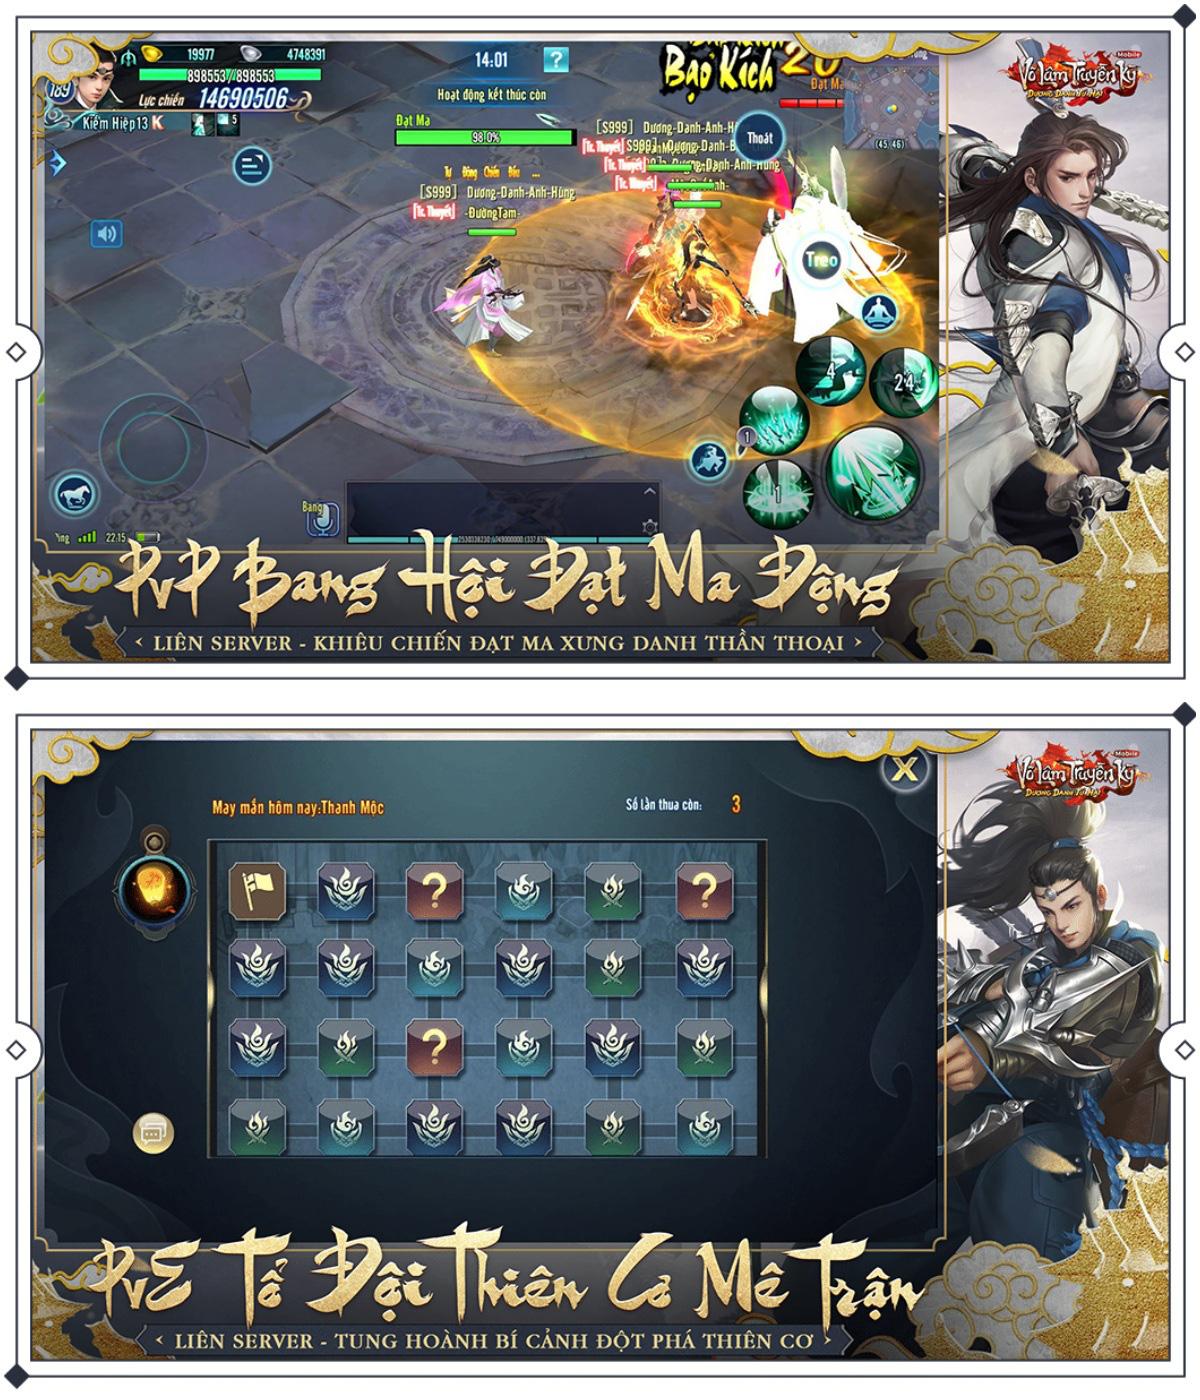 Sáng ngày 6/3, game thủ VLTK Mobile chính thức chạm tay vào phiên bản mới Dương Danh Tứ Hải 2